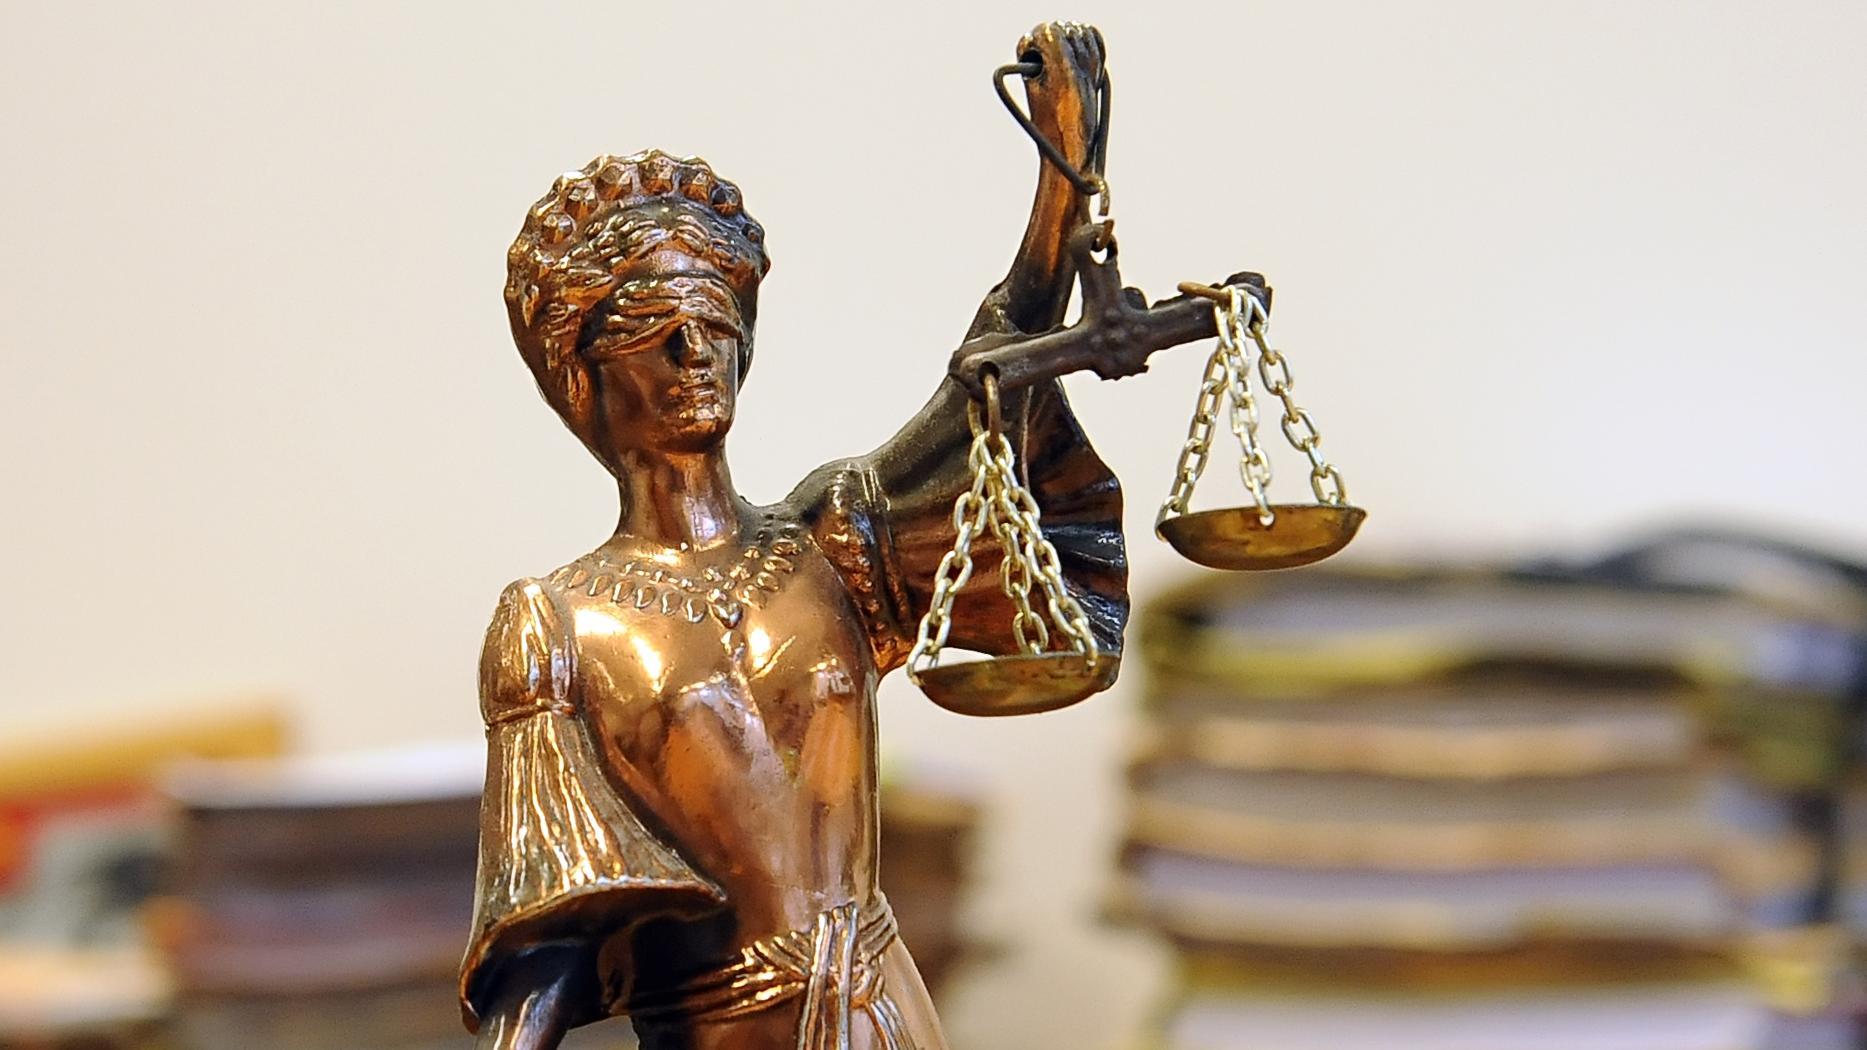 Eine goldfarbene Justitia-Figur vor Aktenbergen